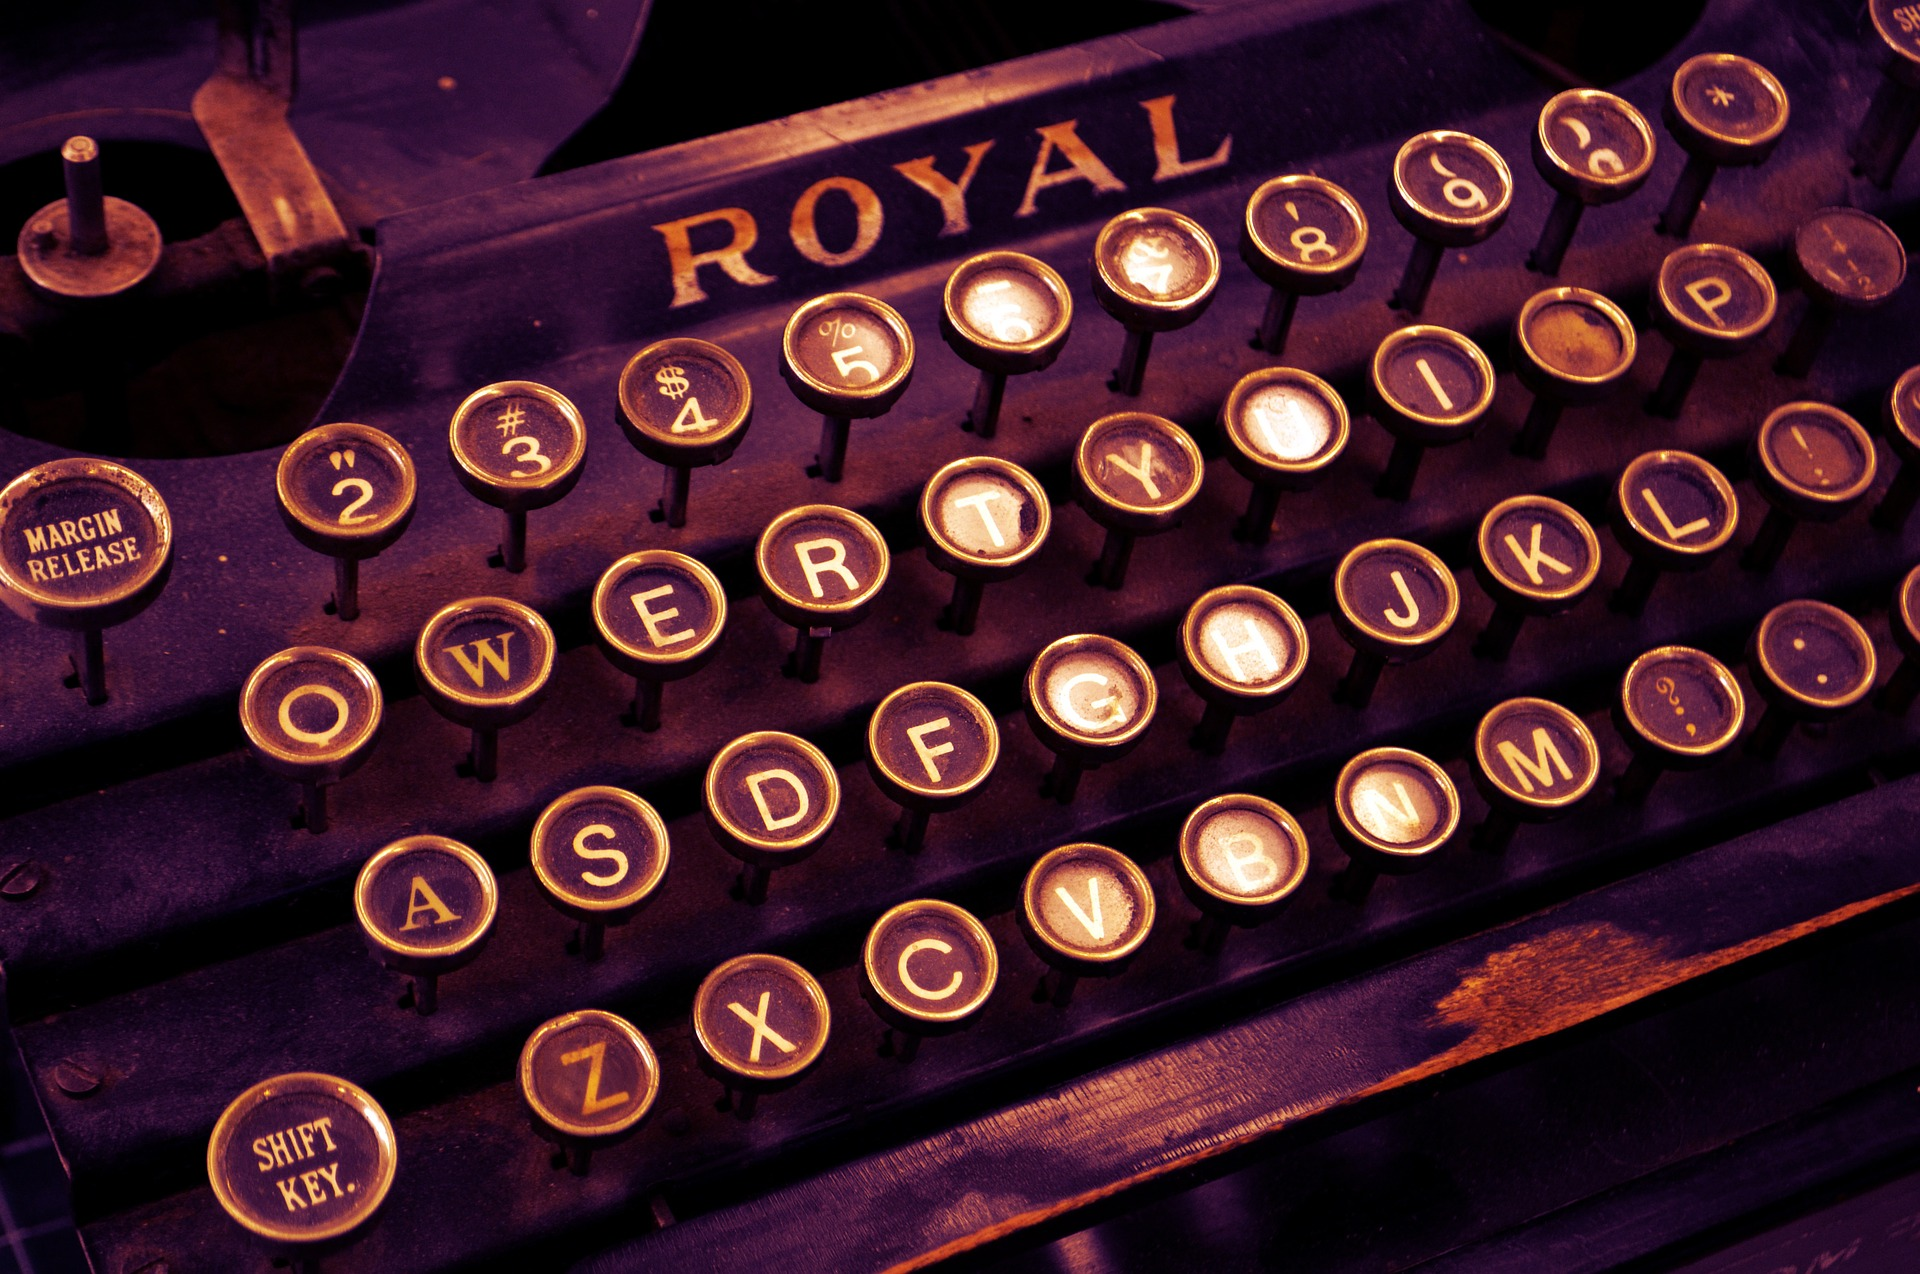 typewriter-1170657_1920